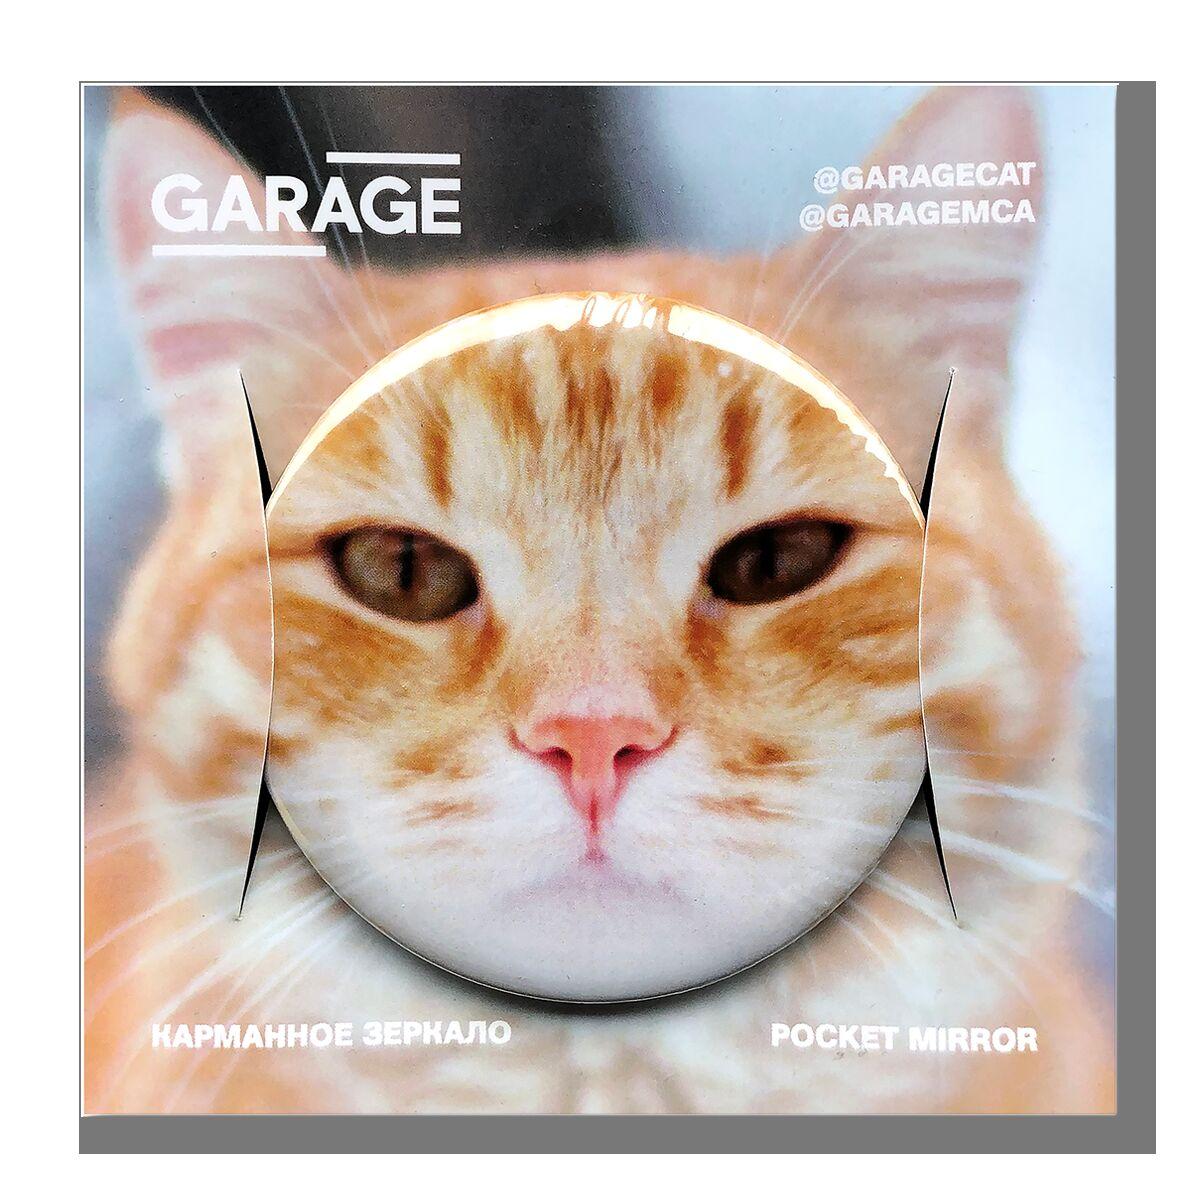 Mirror Garage cat